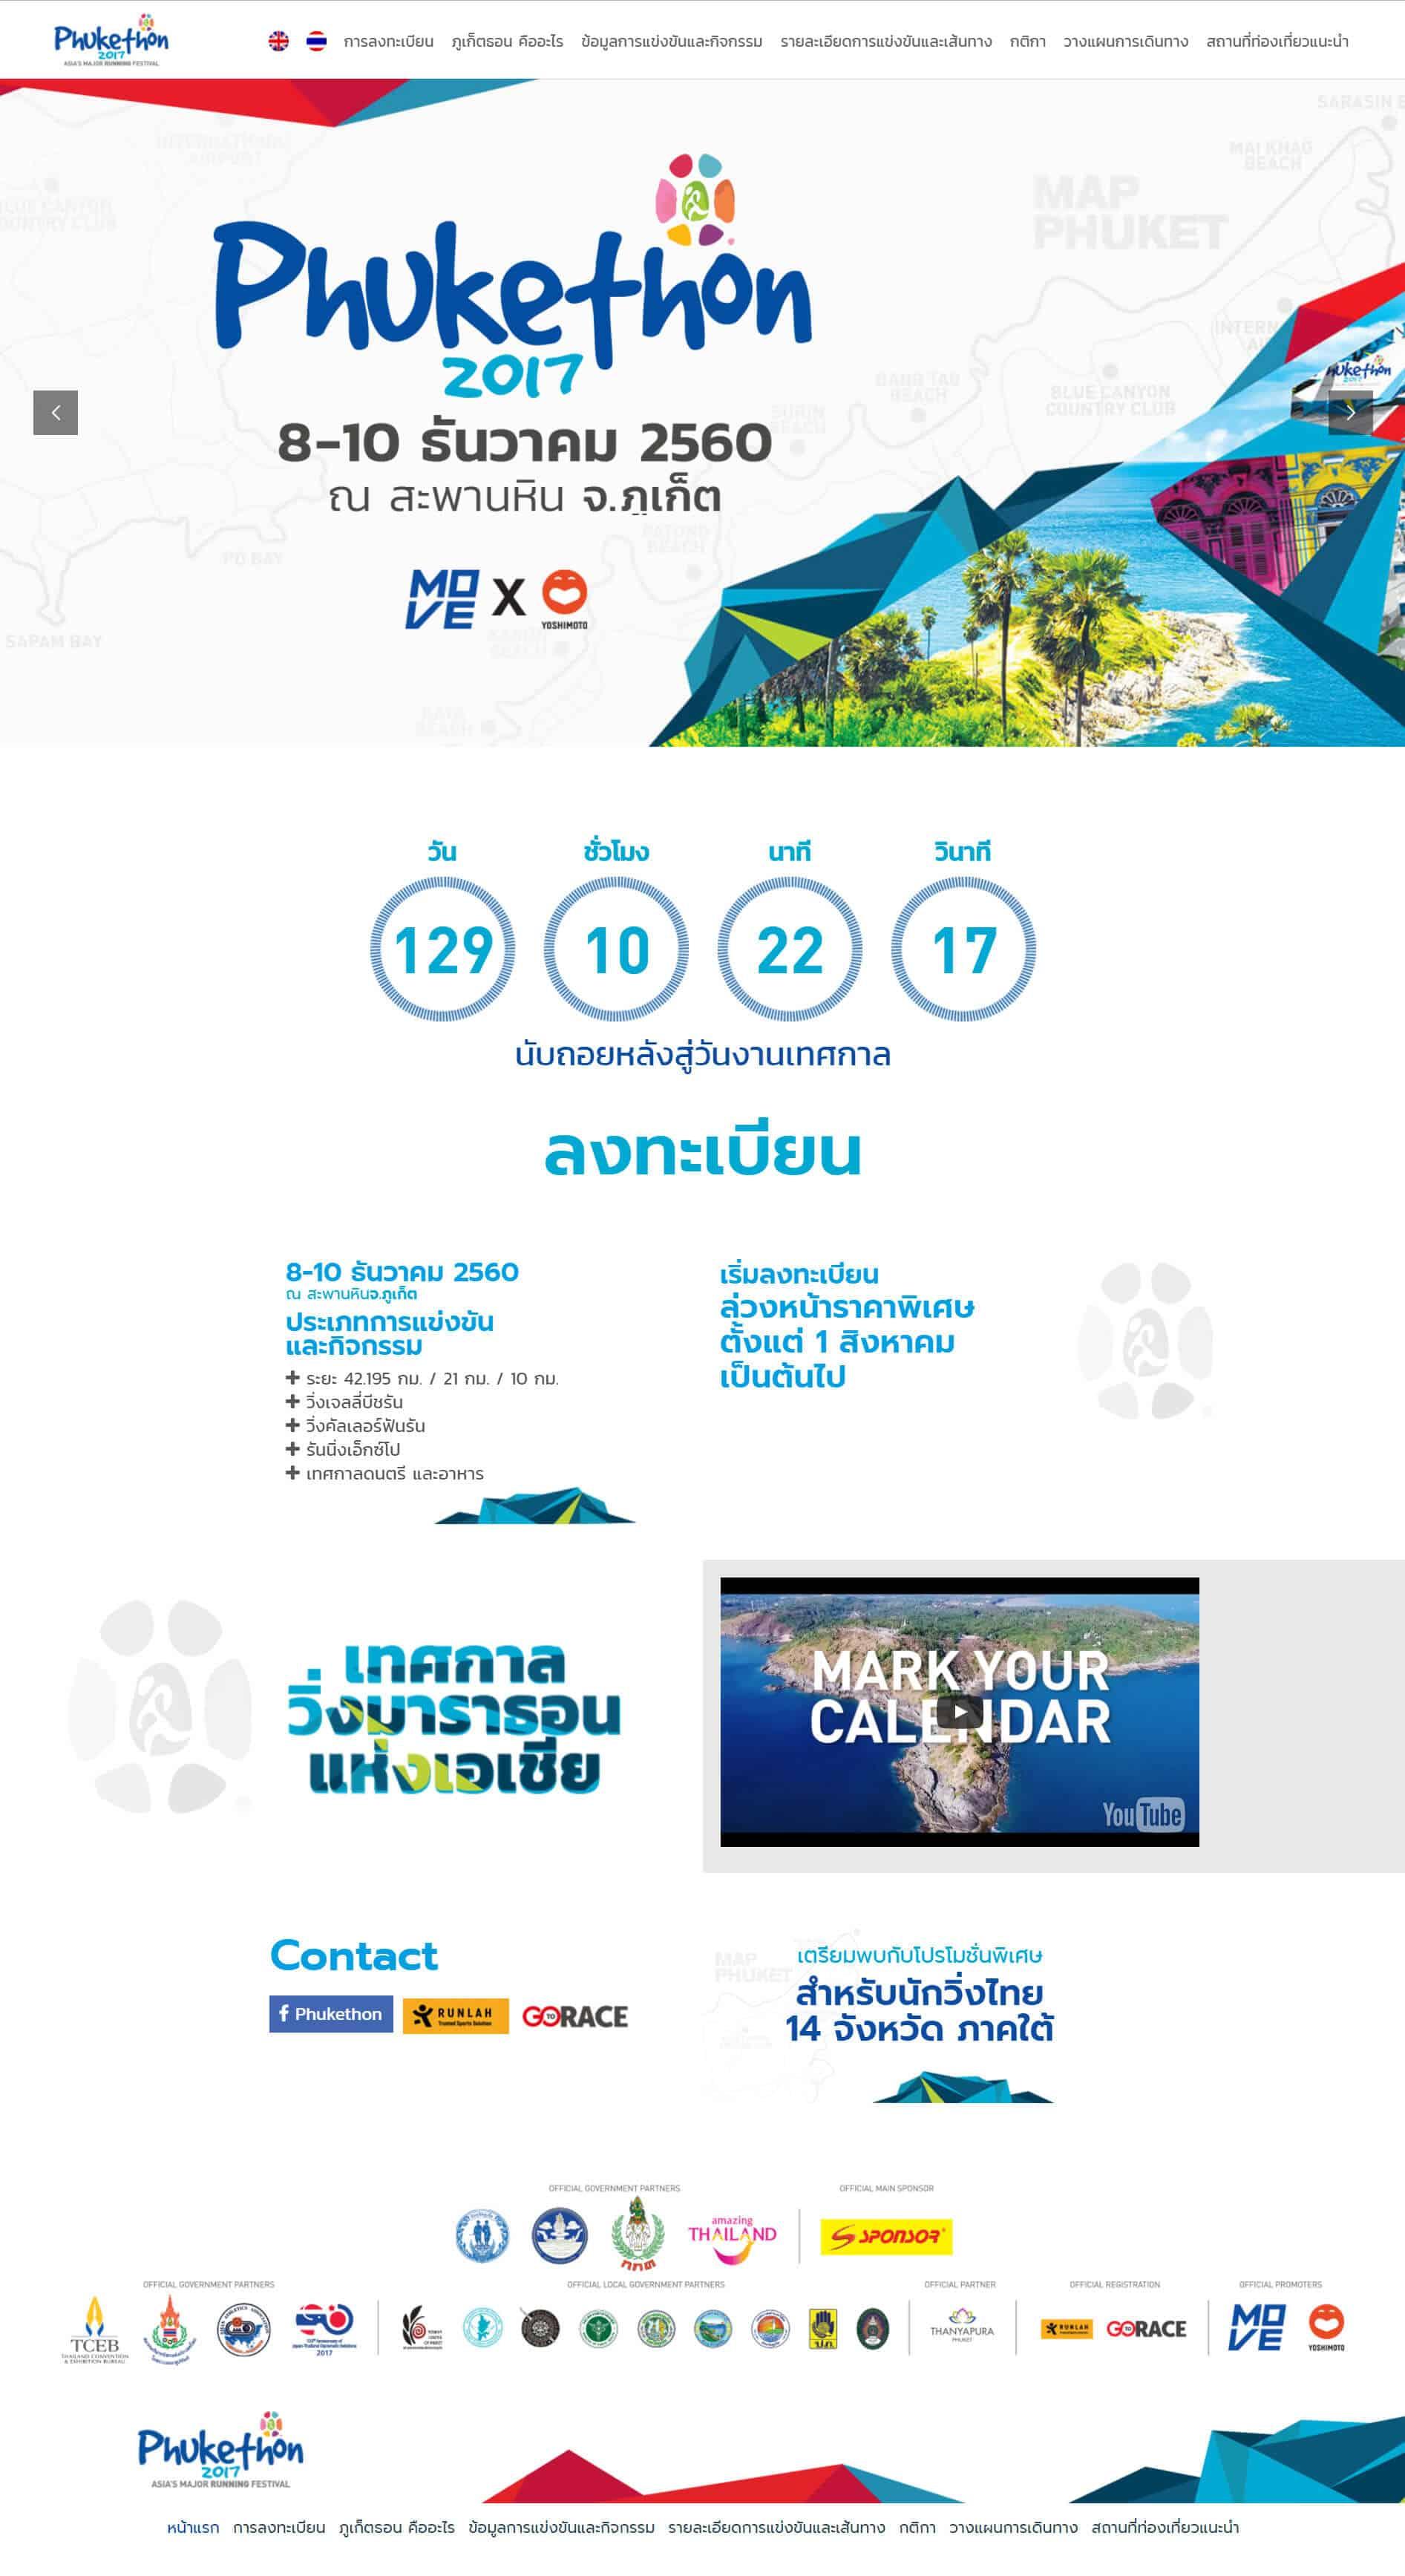 ไซต์เทศกาล วิ่งมาราธอน | รับทำเว็บไซต์เทศกาล เว็บไซต์ท่องเที่ยว